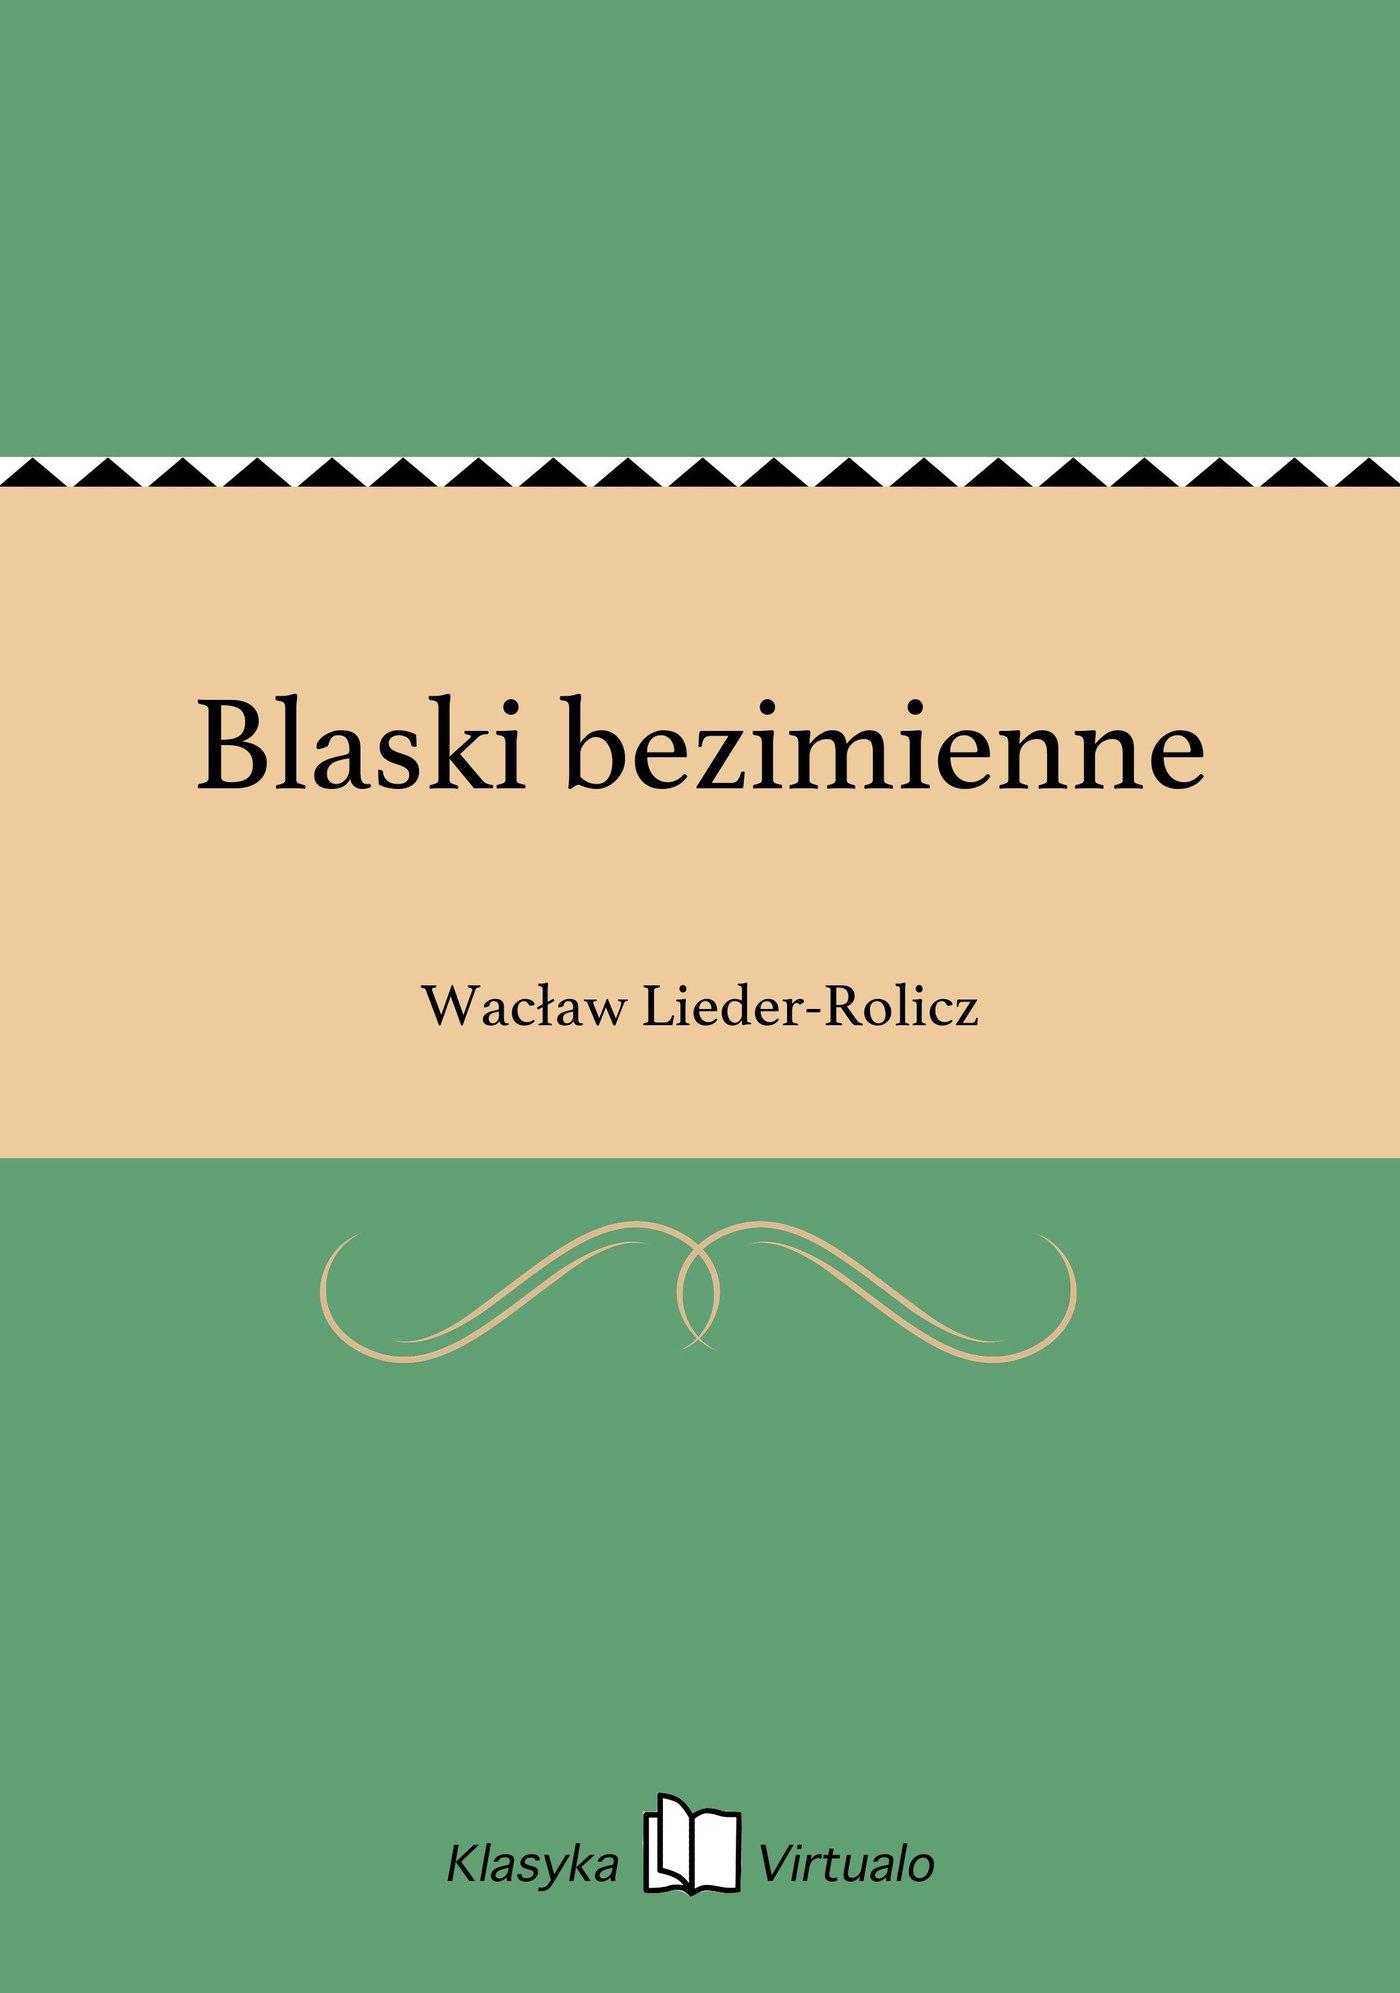 Blaski bezimienne - Ebook (Książka EPUB) do pobrania w formacie EPUB